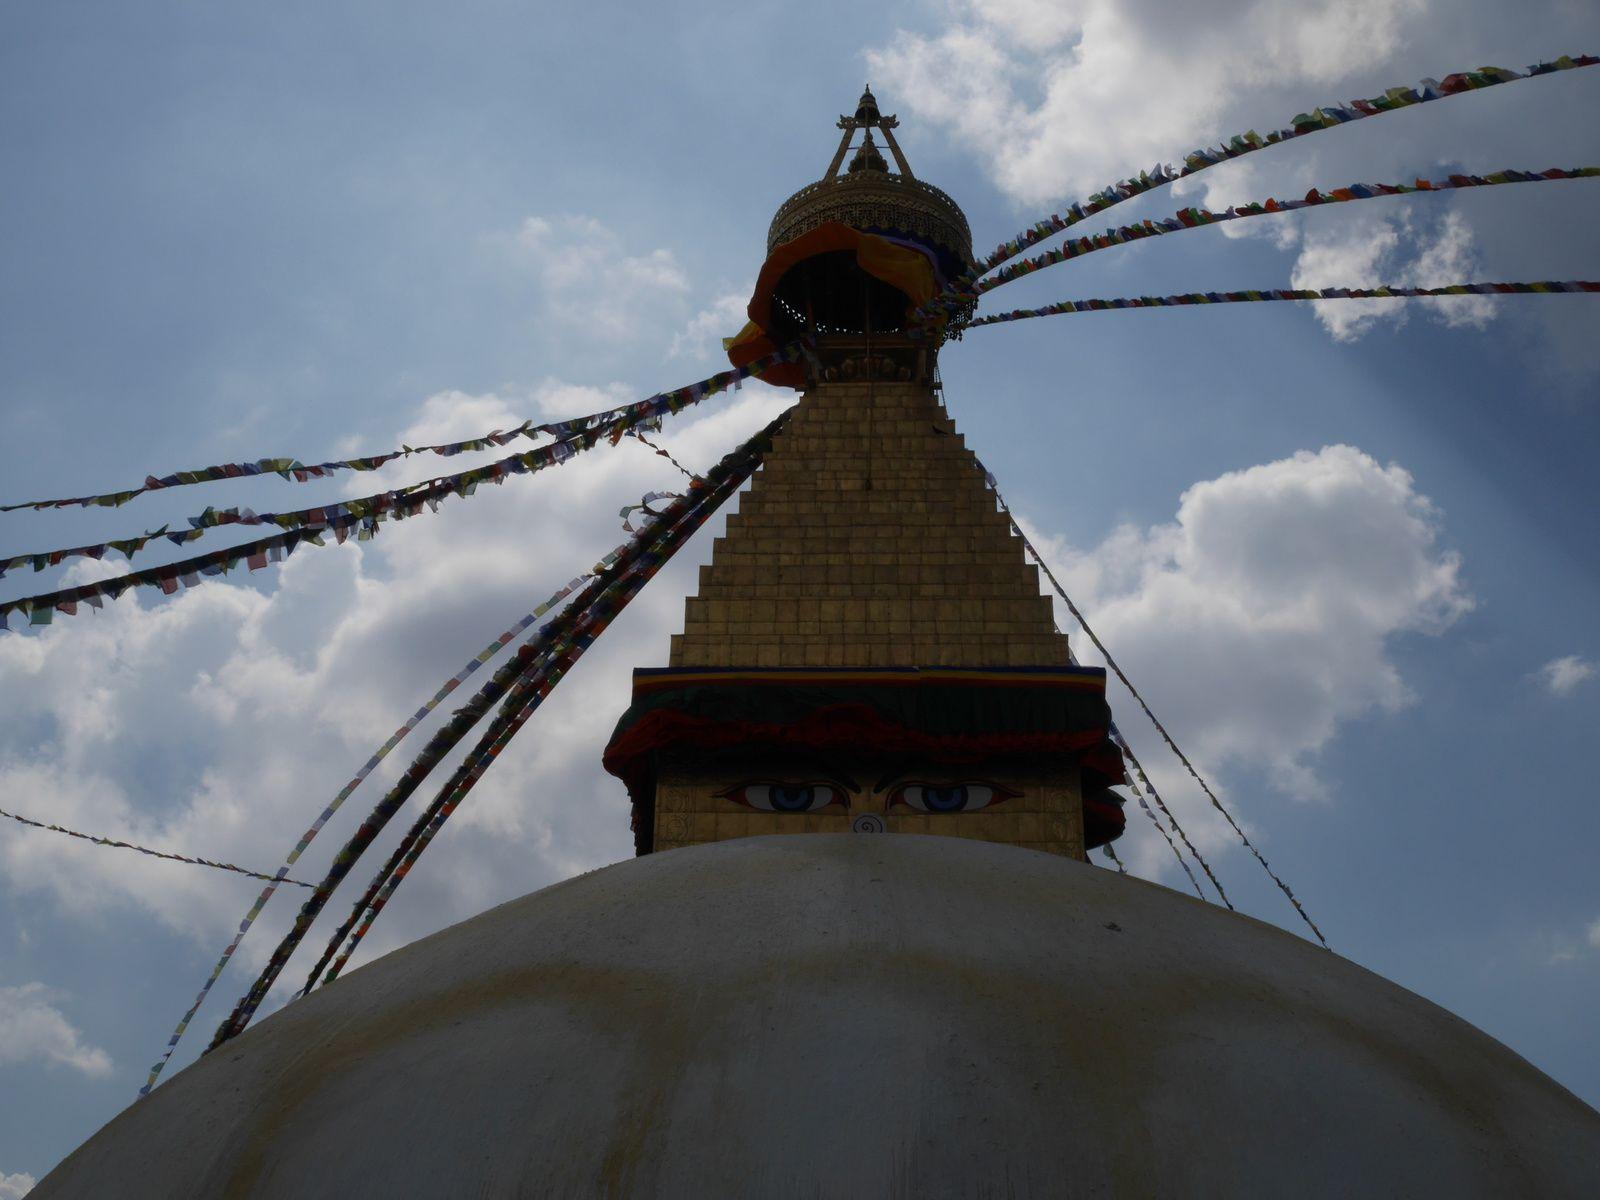 1. Trop la classe!  2. à  11. Swayambhunath  12. à la fin. Bodhnath